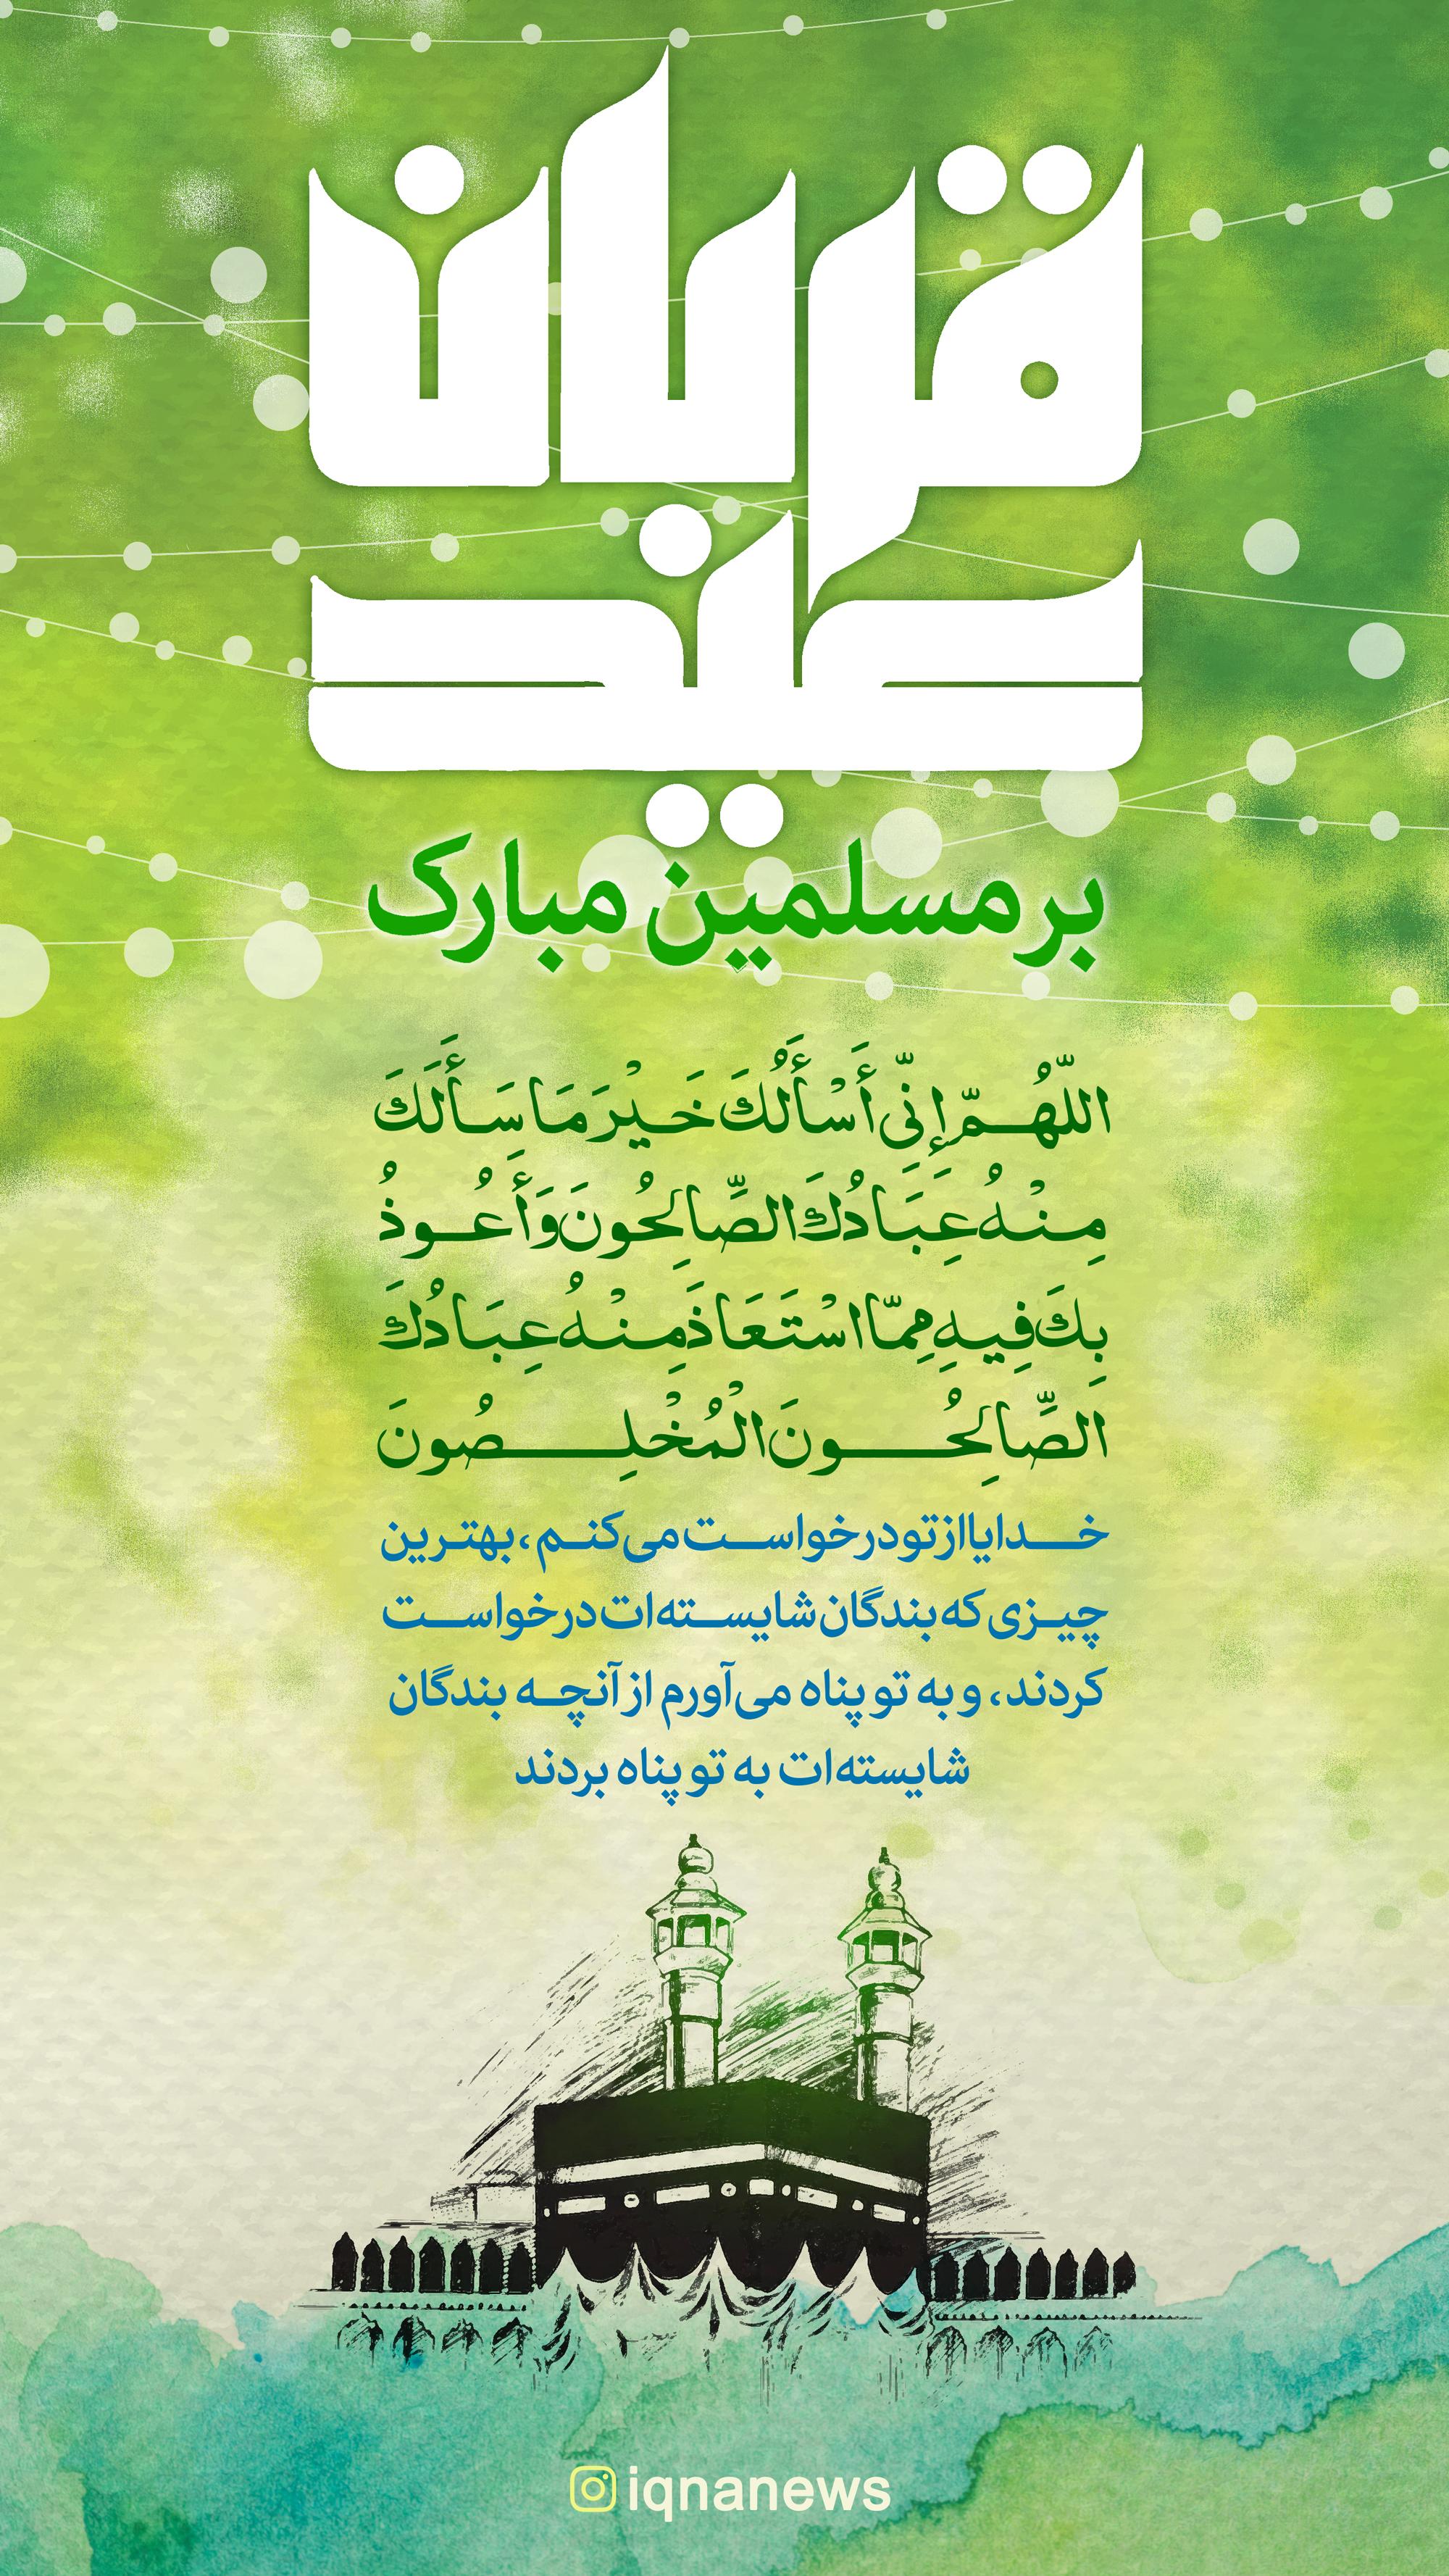 دانلود دعای عید قربان صوتی